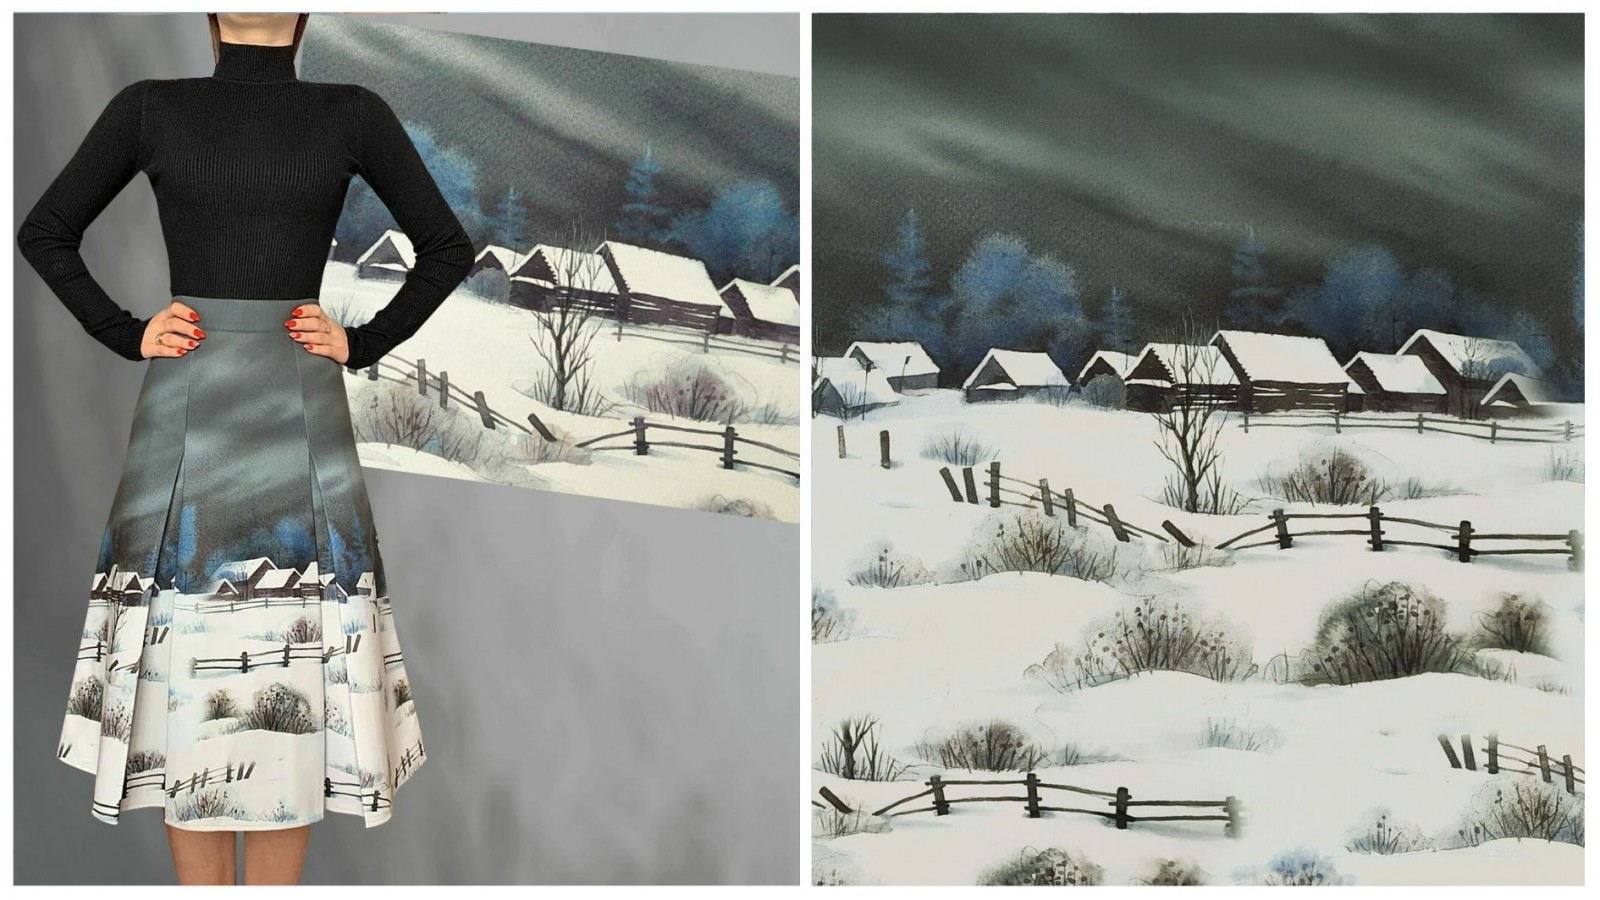 Юбка Селена (Долгая зима), стоимость 5500₽. Водолазка, стоимость 1850₽.